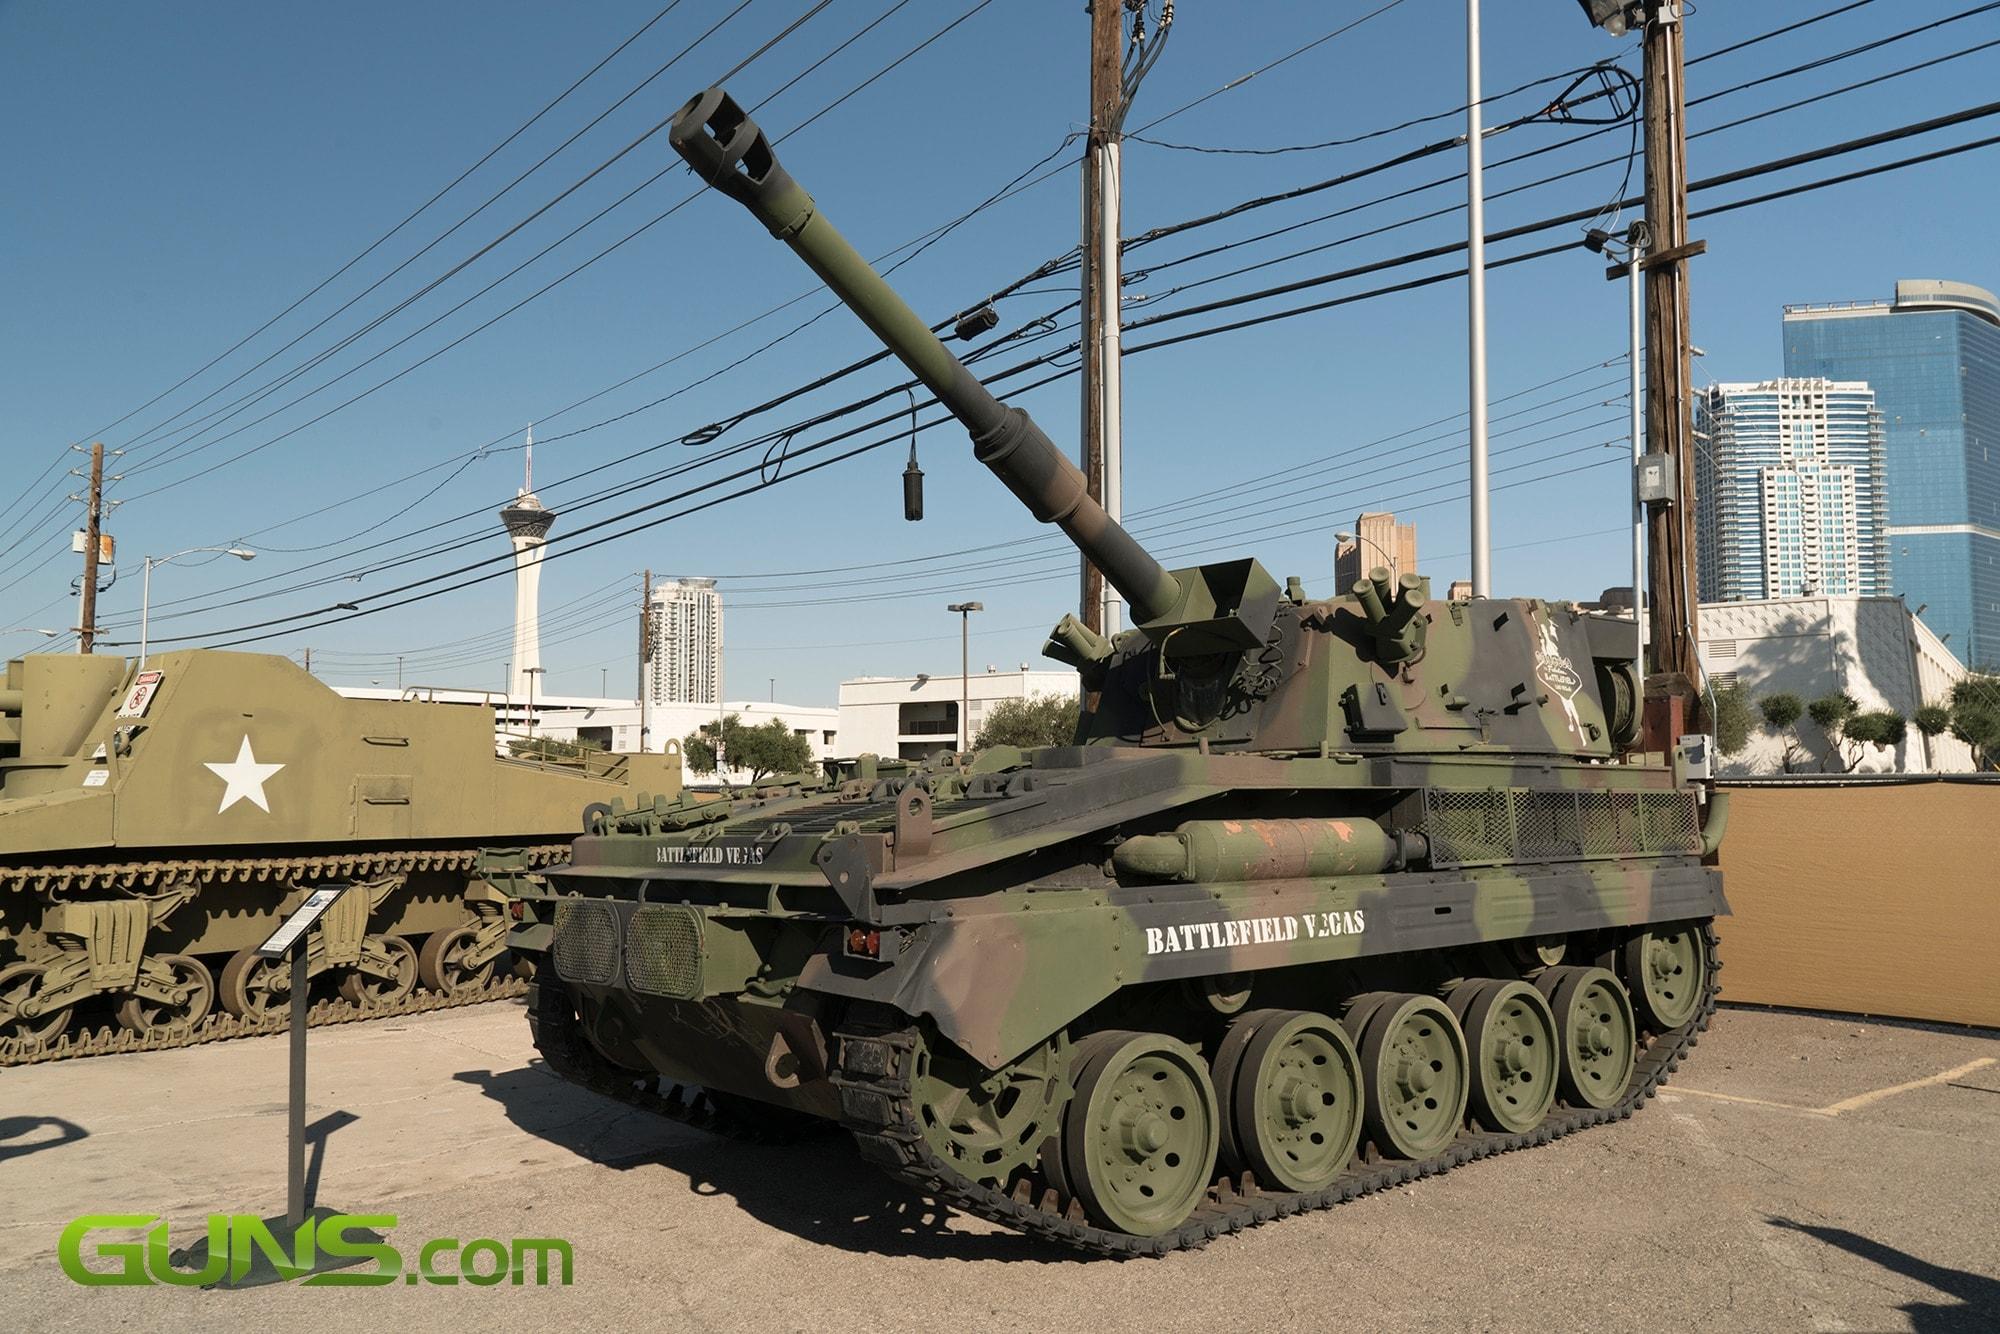 British FV433 Self Propelled Artillery